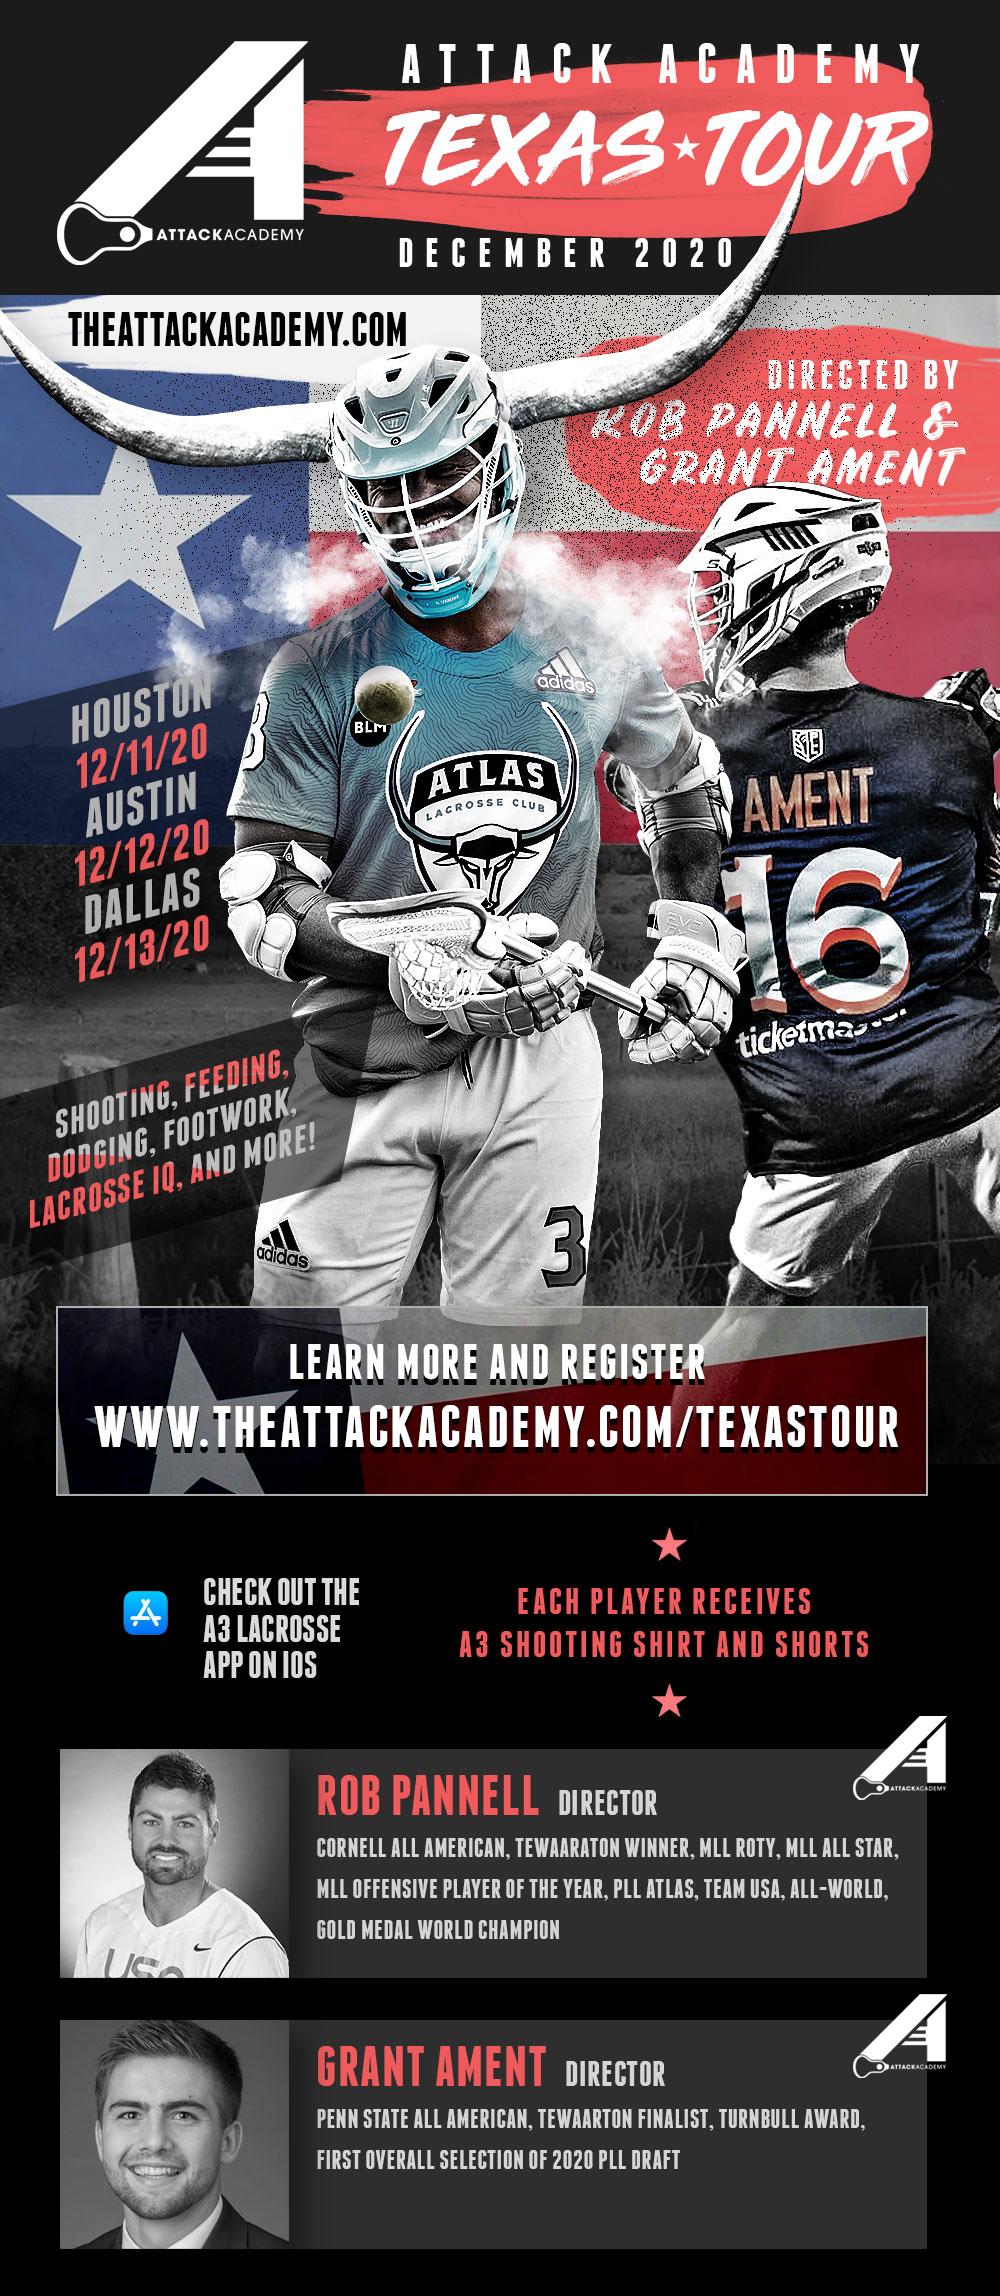 Texas-Tour-Main